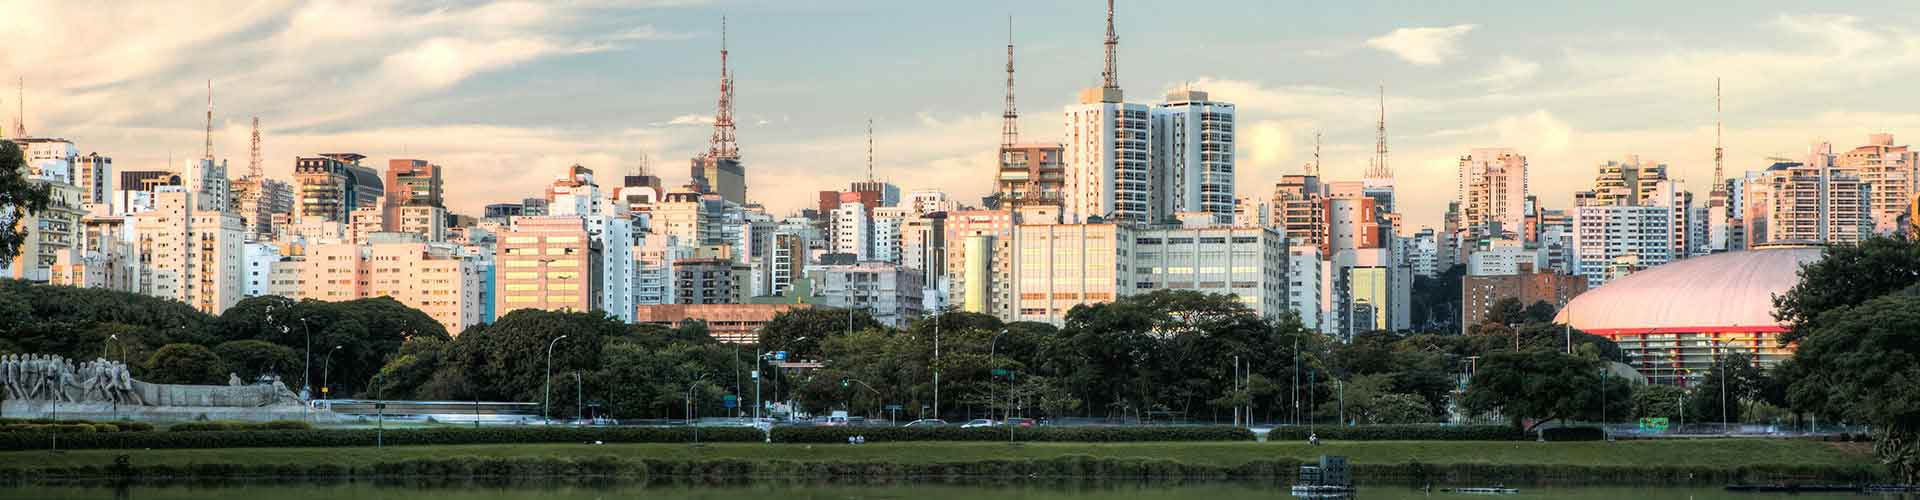 Sao Paulo - Ifjúsági Szállások Sao Pauloben. Sao Paulo térképek, fotók és ajánlások minden egyes ifjúsági szállásokra Sao Paulo-ben.